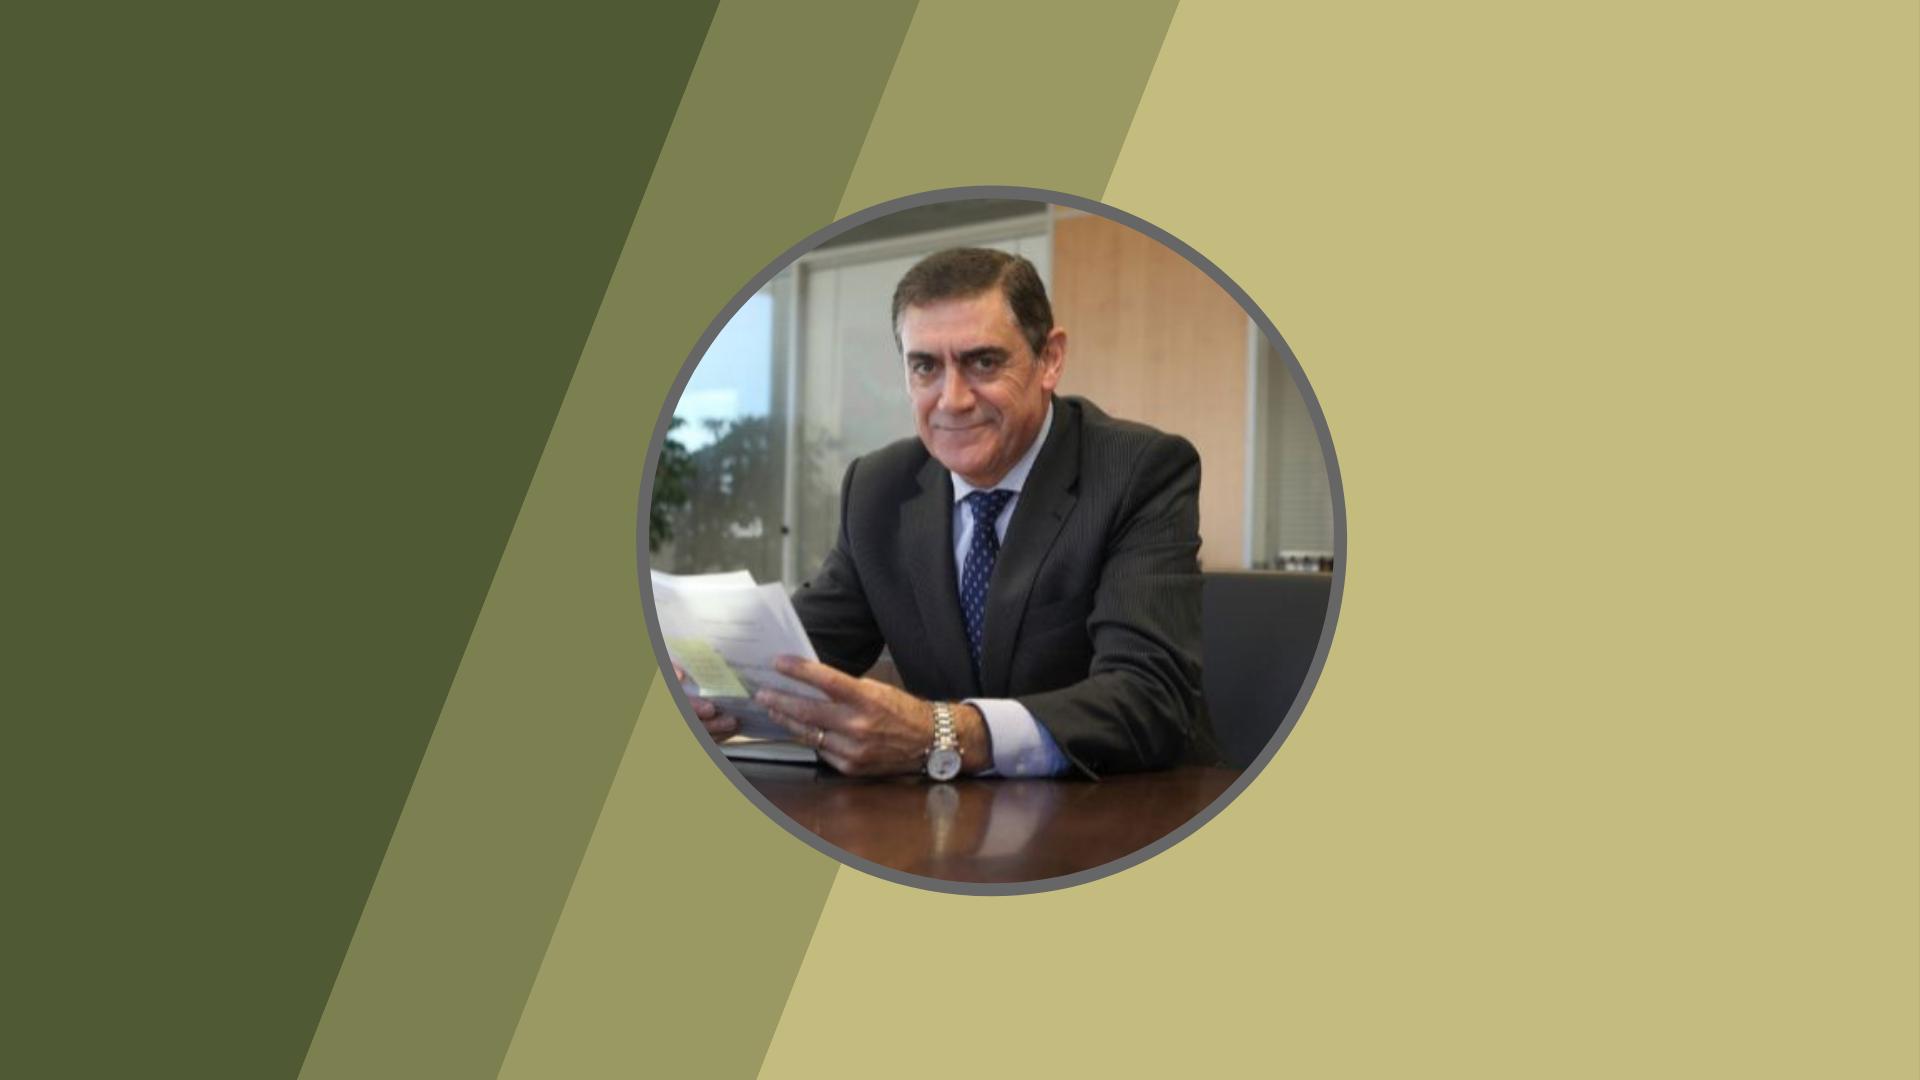 Vermú de Redacción con Máximo Valenciano. Presidente de Inycom